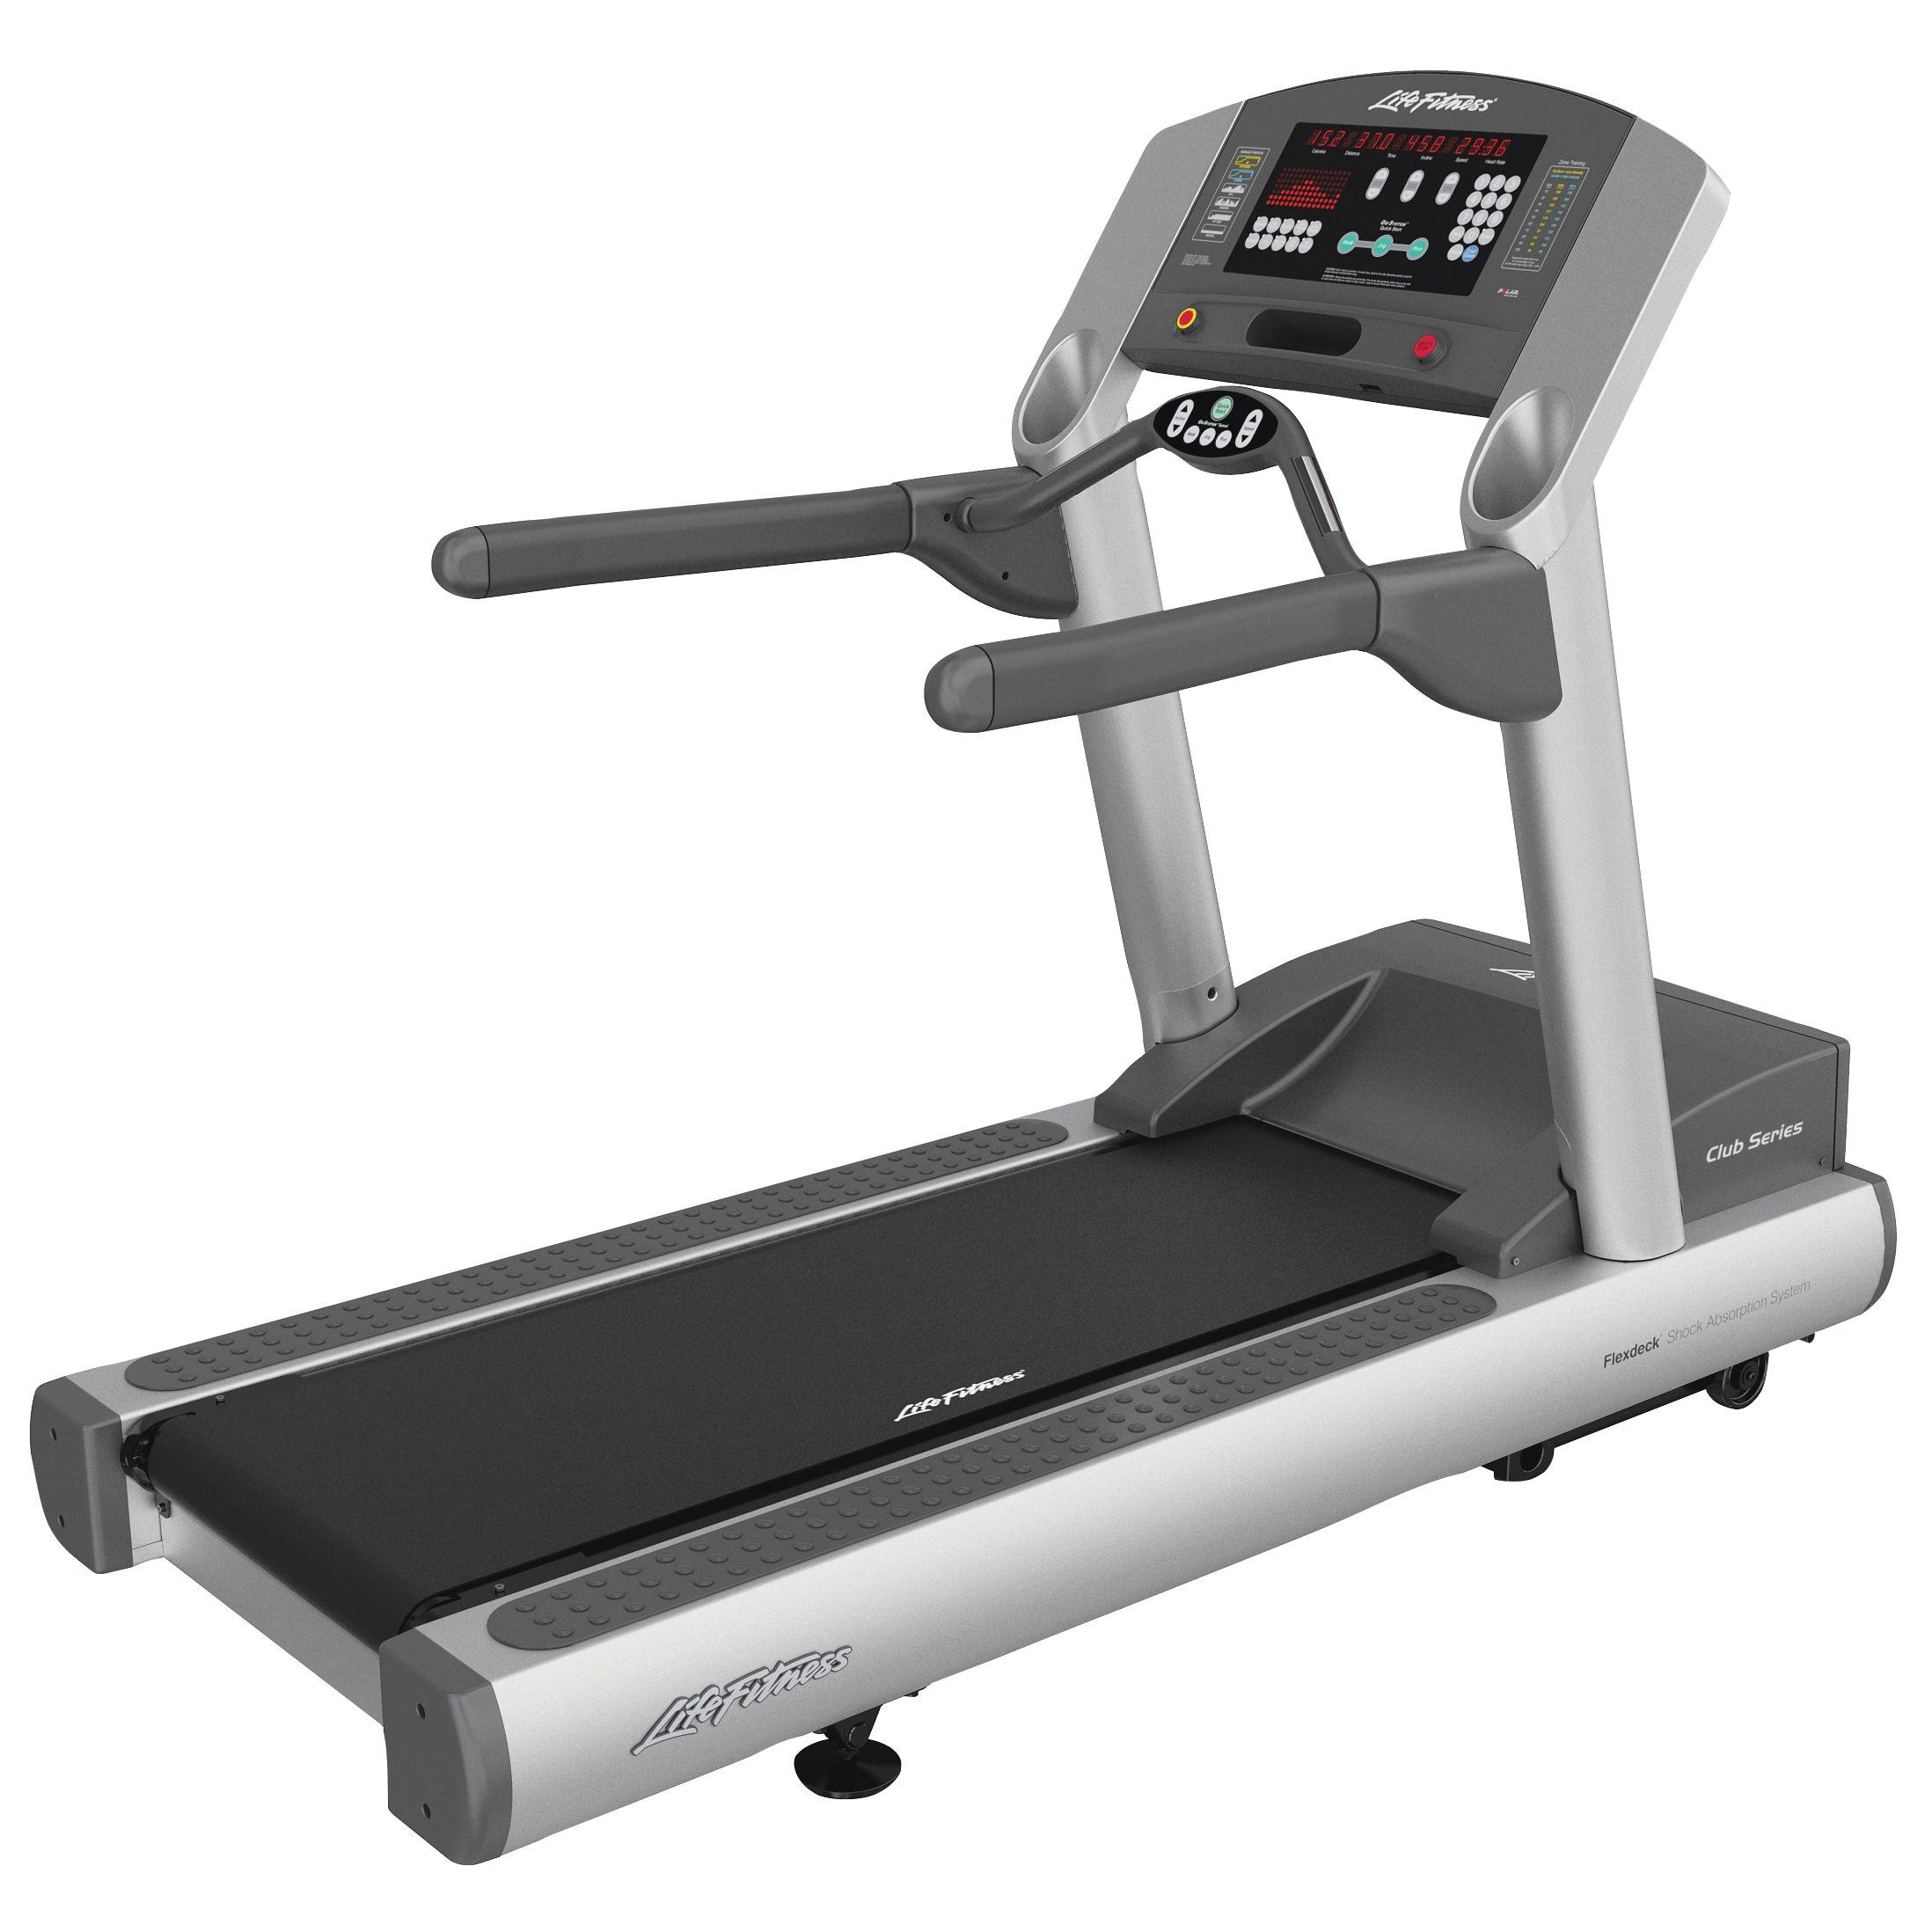 Life Fitness Club Series Treadmill at John Lewis